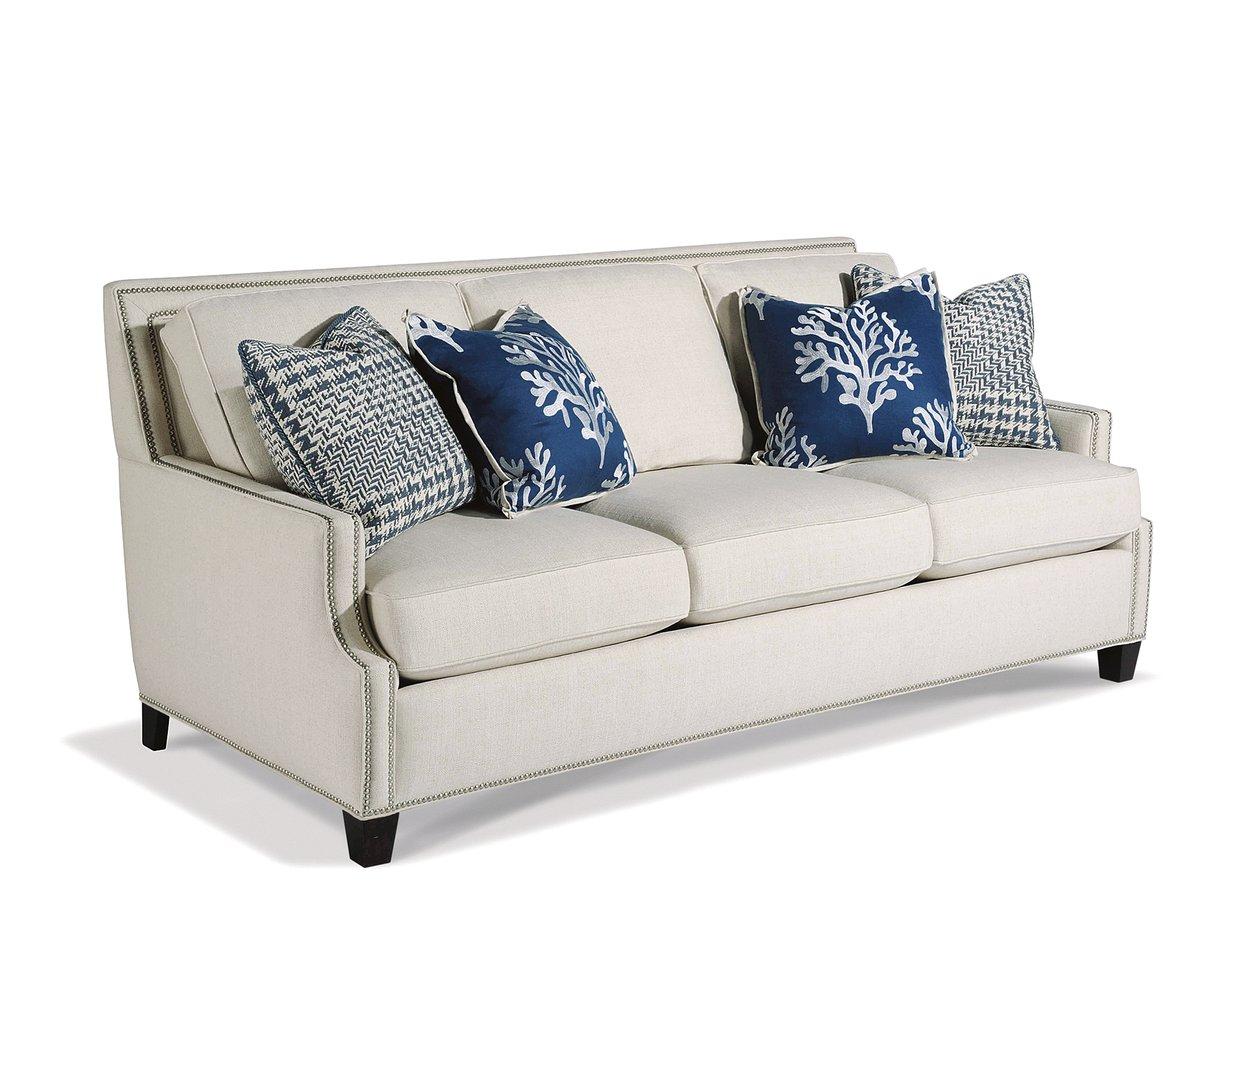 Santor Sofa Image